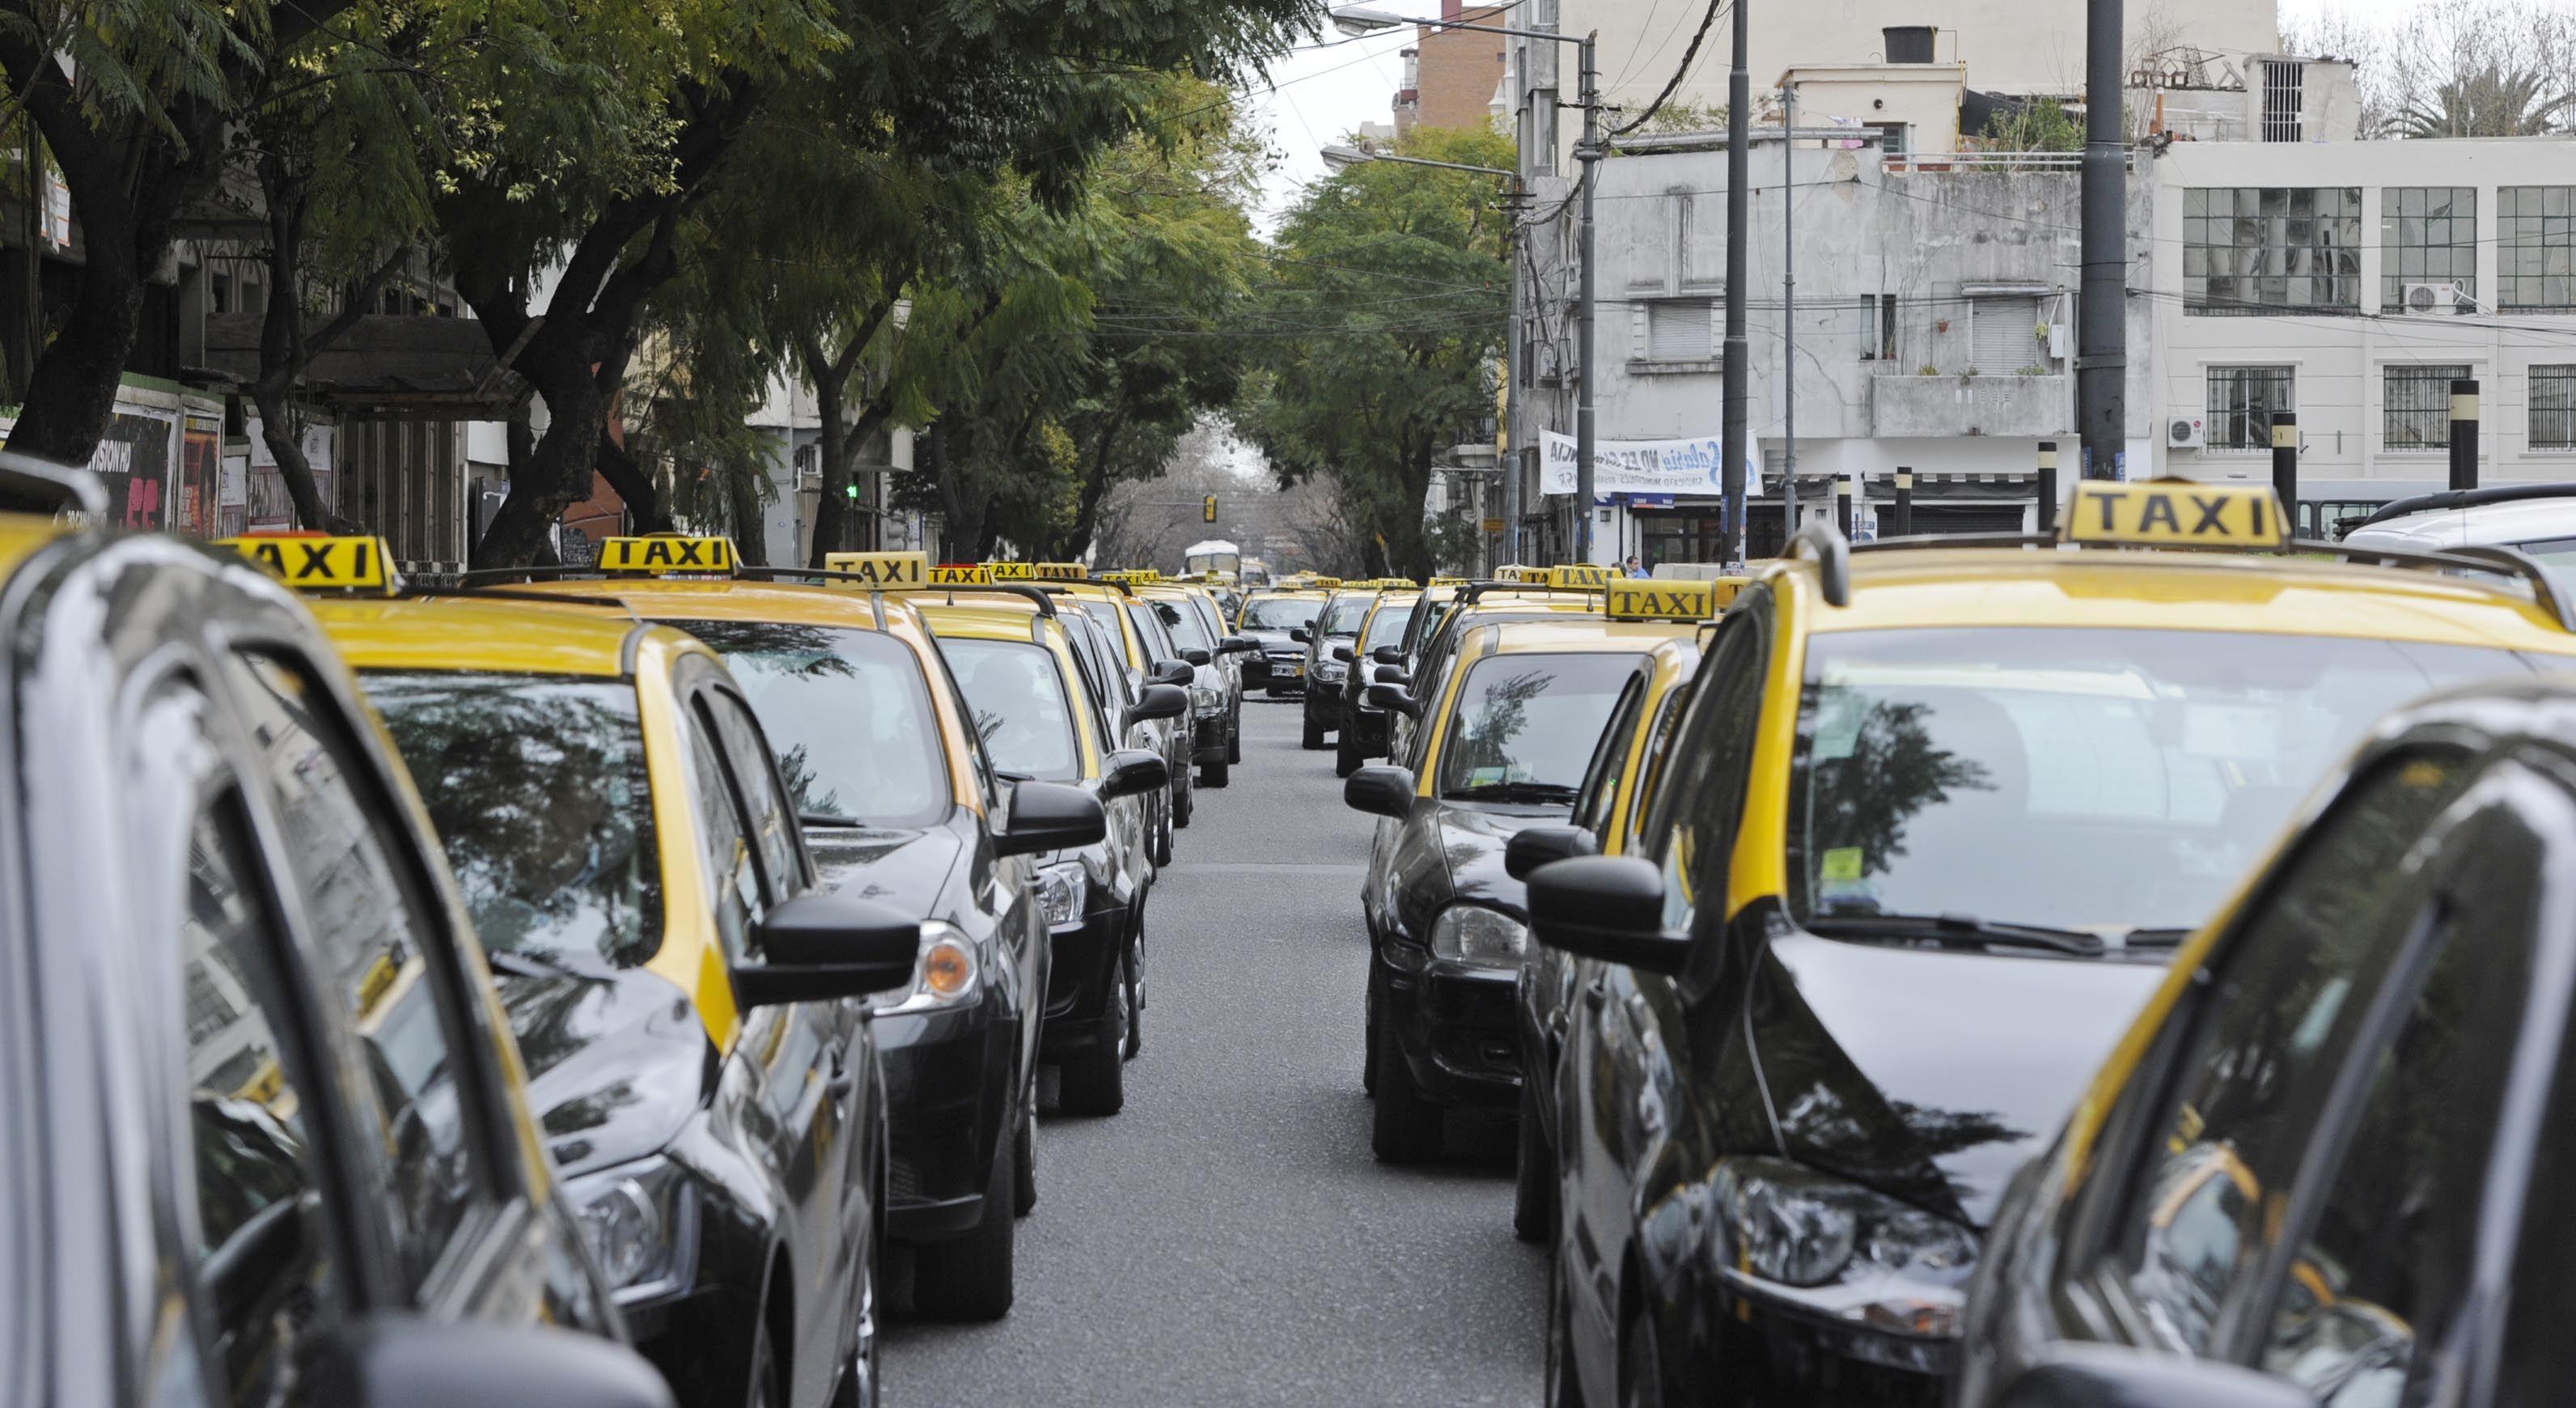 Taxistas autoconvocados se concentraron en las inmediaciones de la casa de Lamberto. (Foto: archivo)